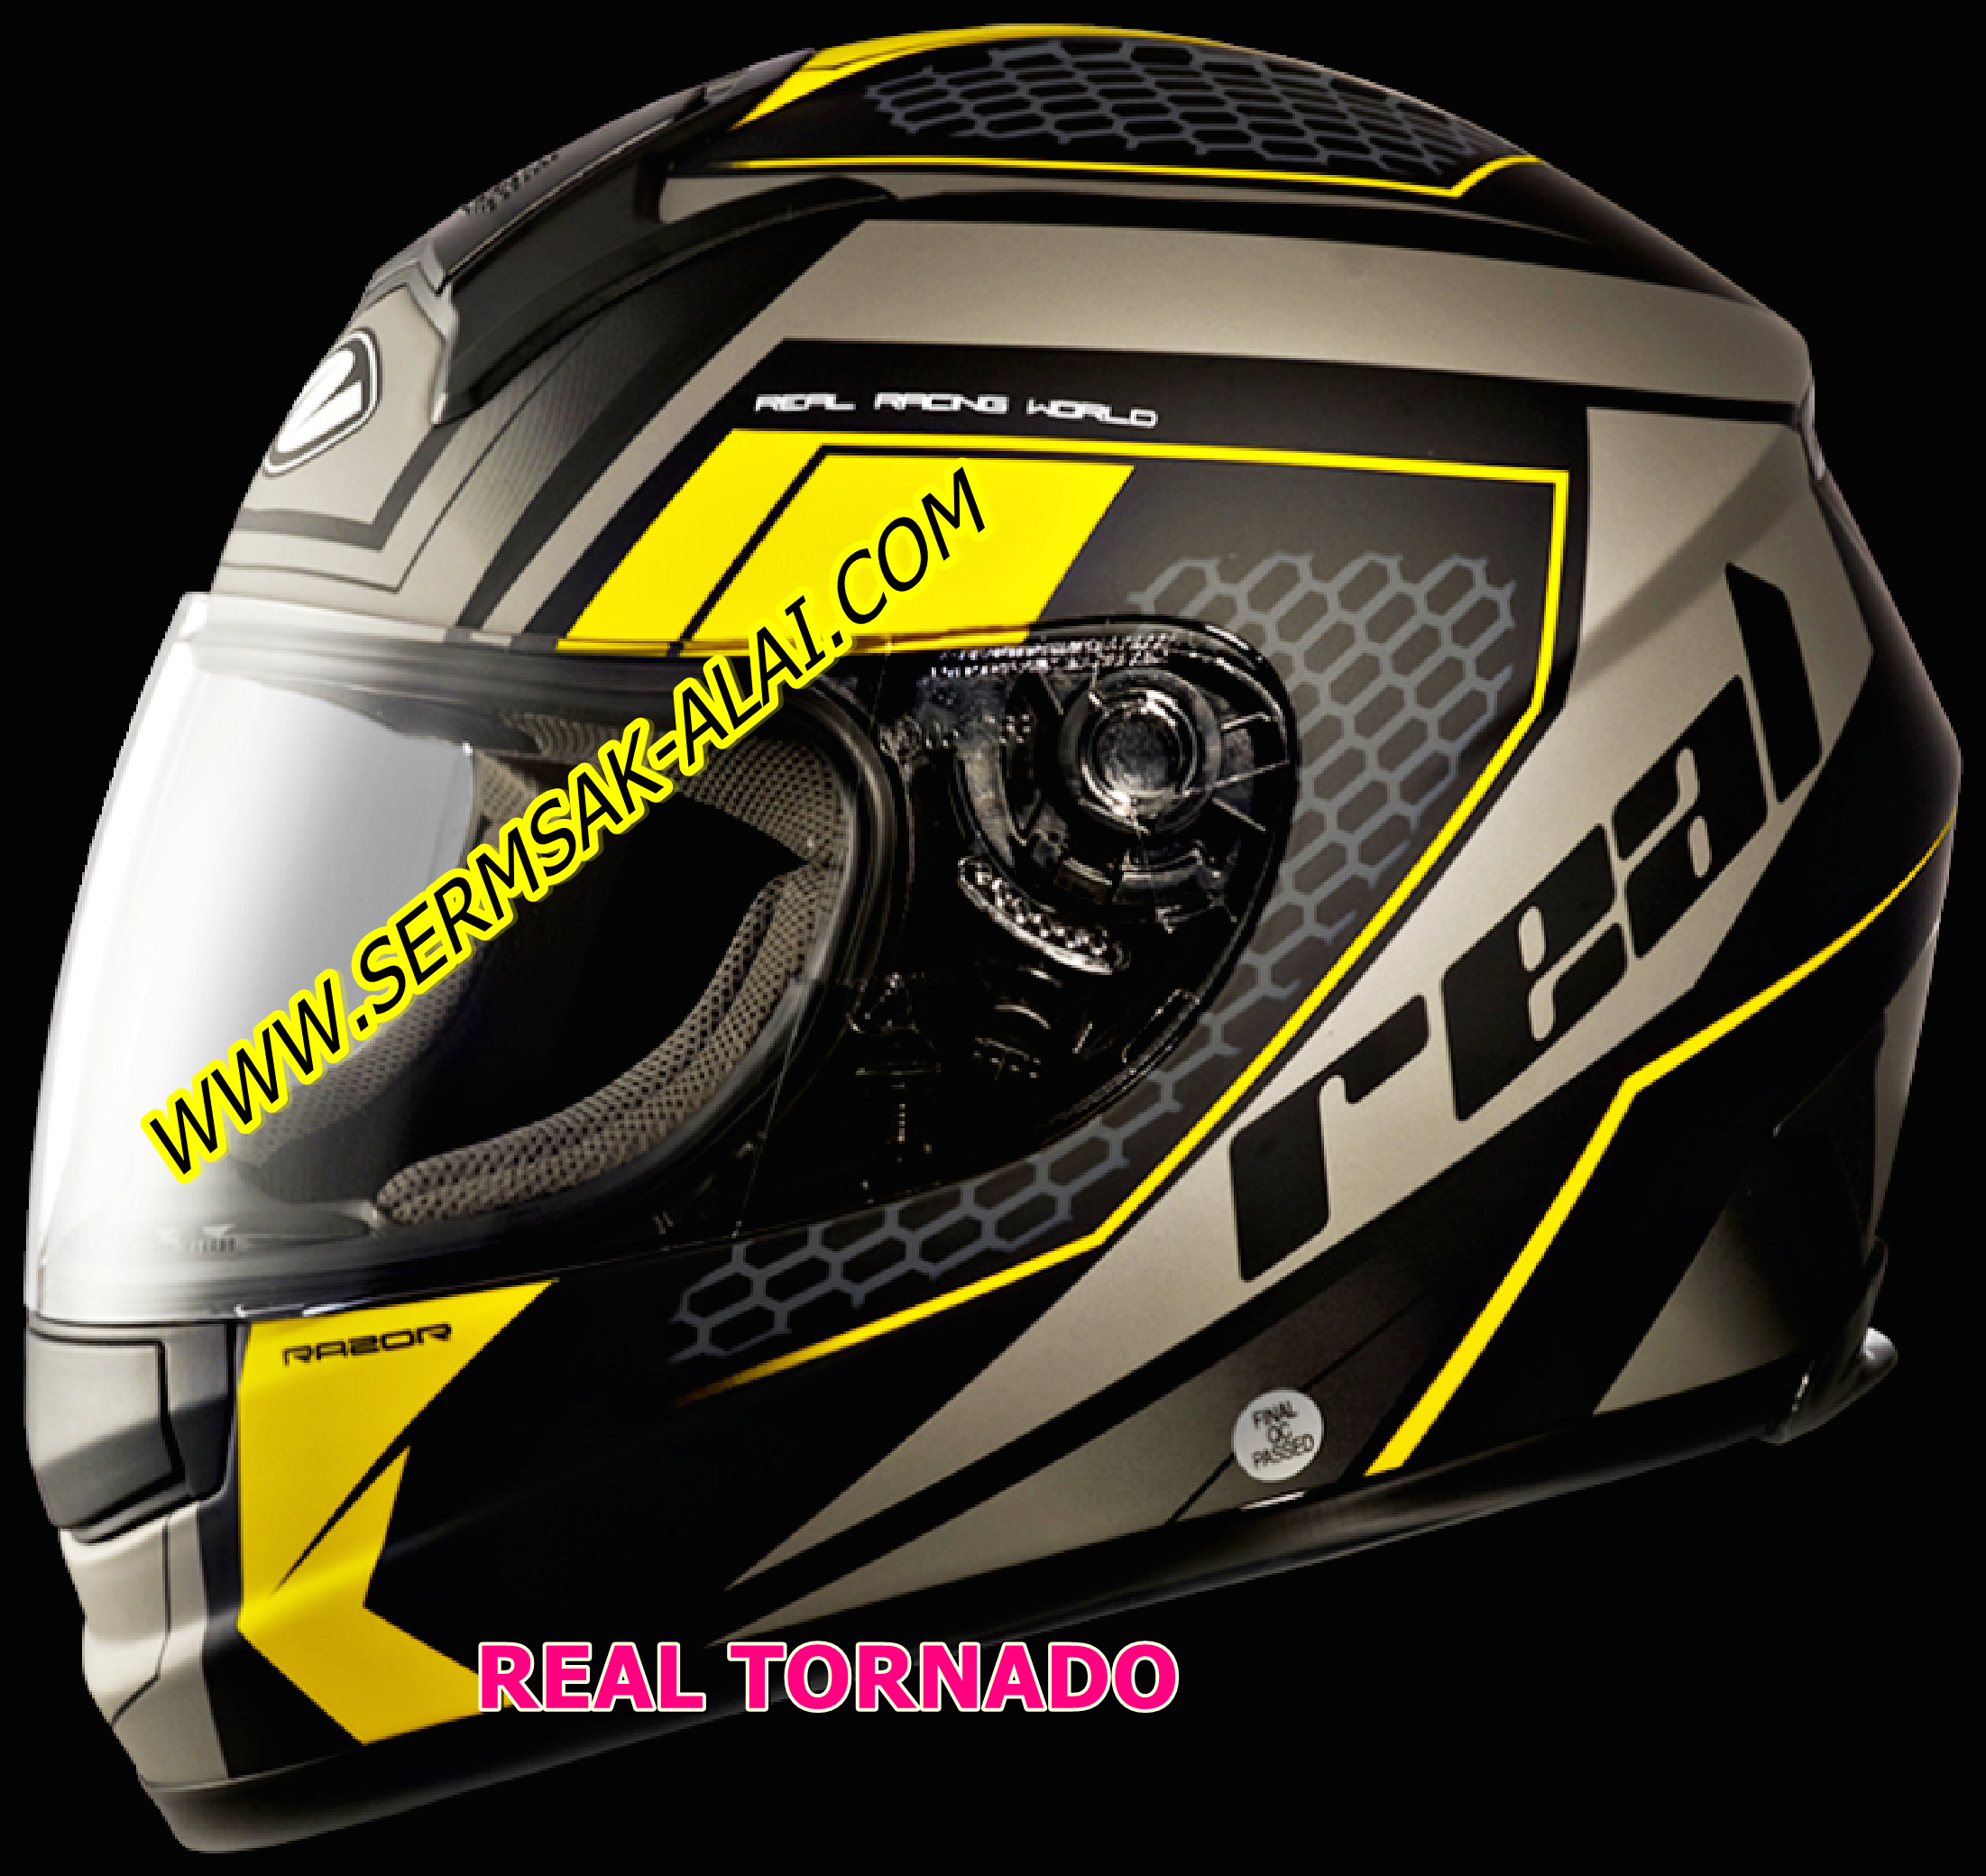 หมวก REAL TORNADO HELMET หมวกกันน็อค REAL TORNADO RAZOR ดำด้าน-เหลือง